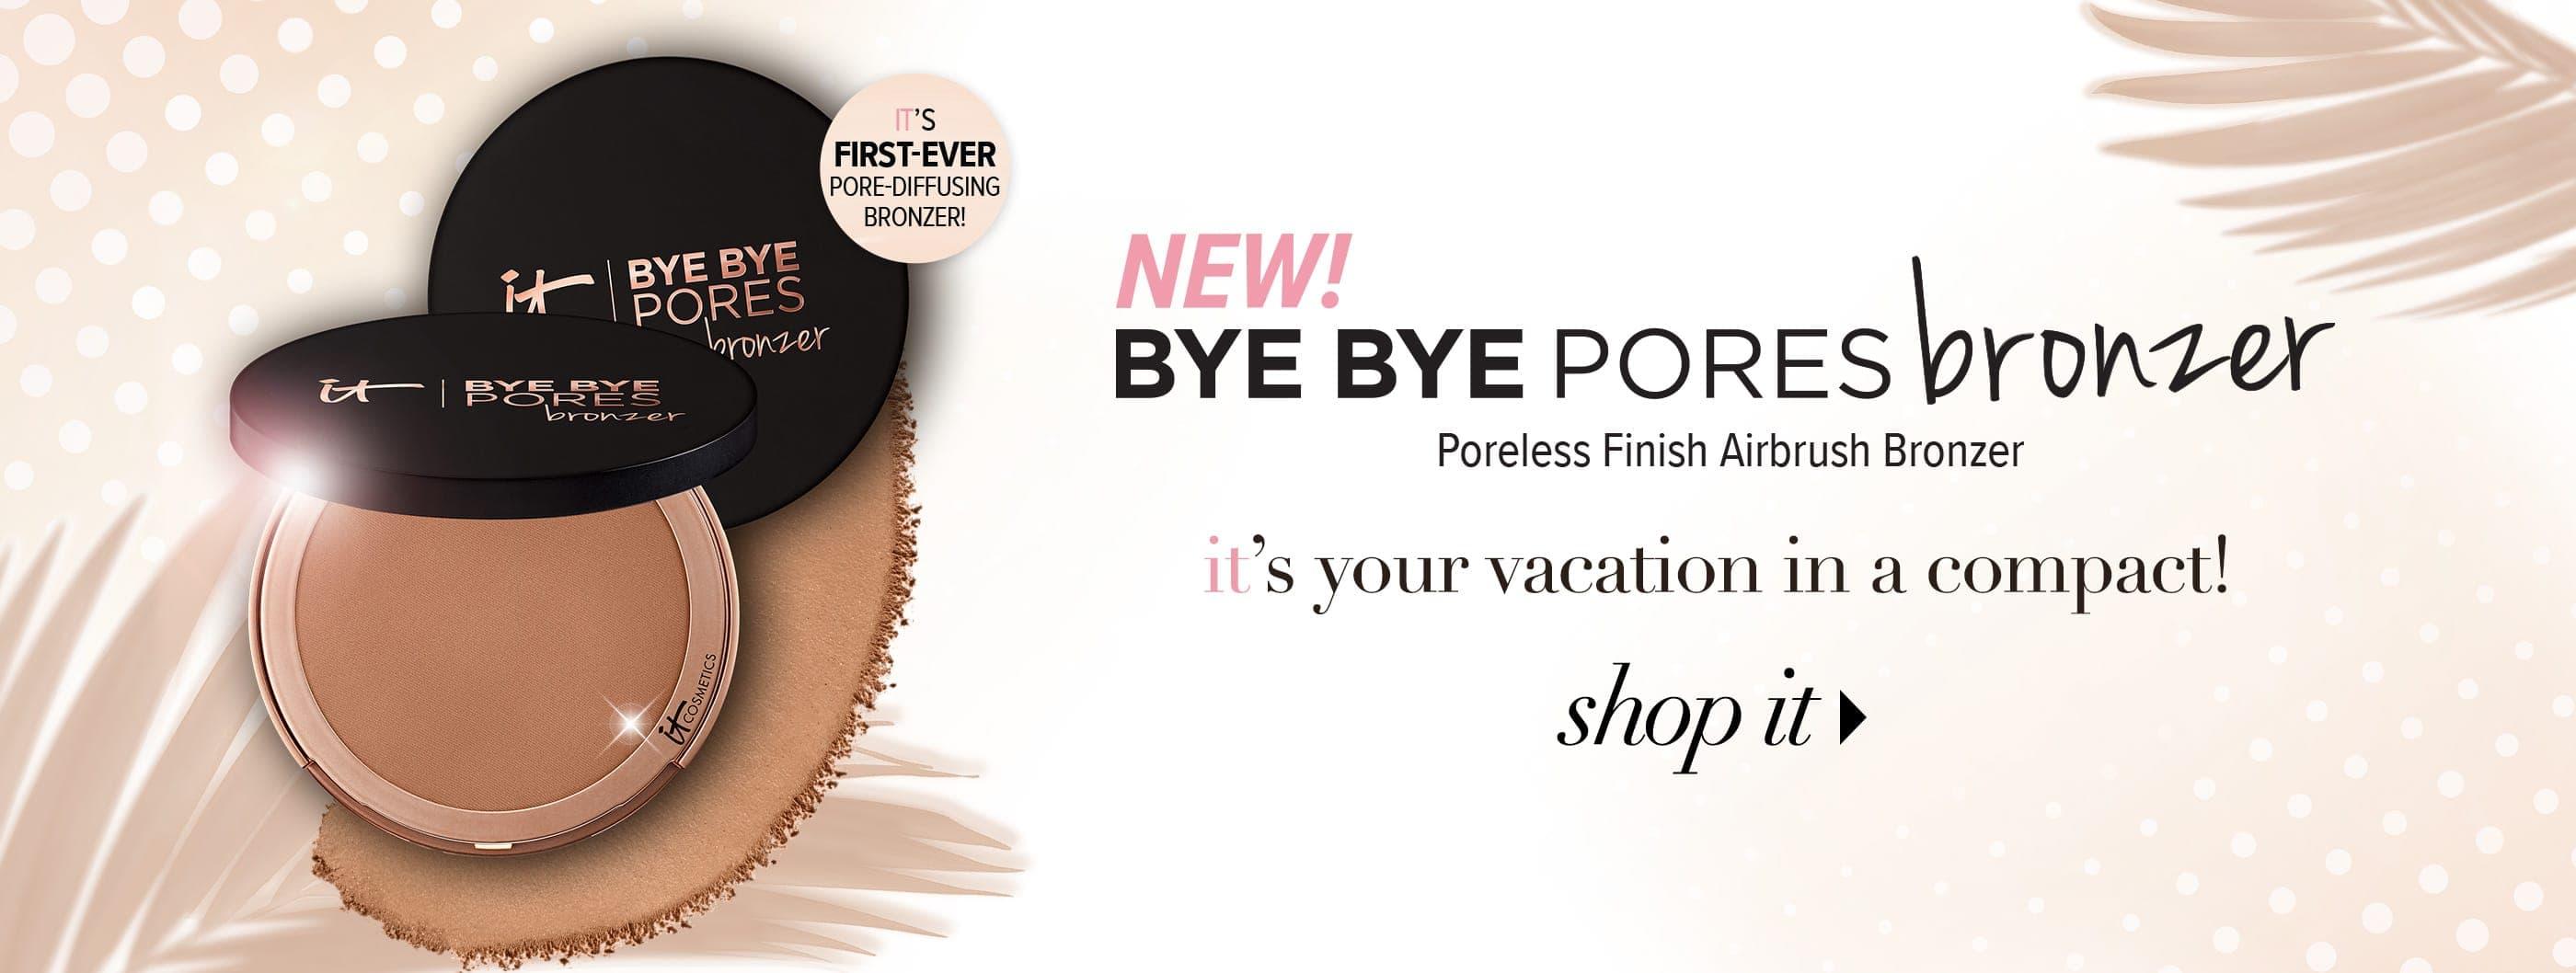 Bye Bye Pores Bronzer